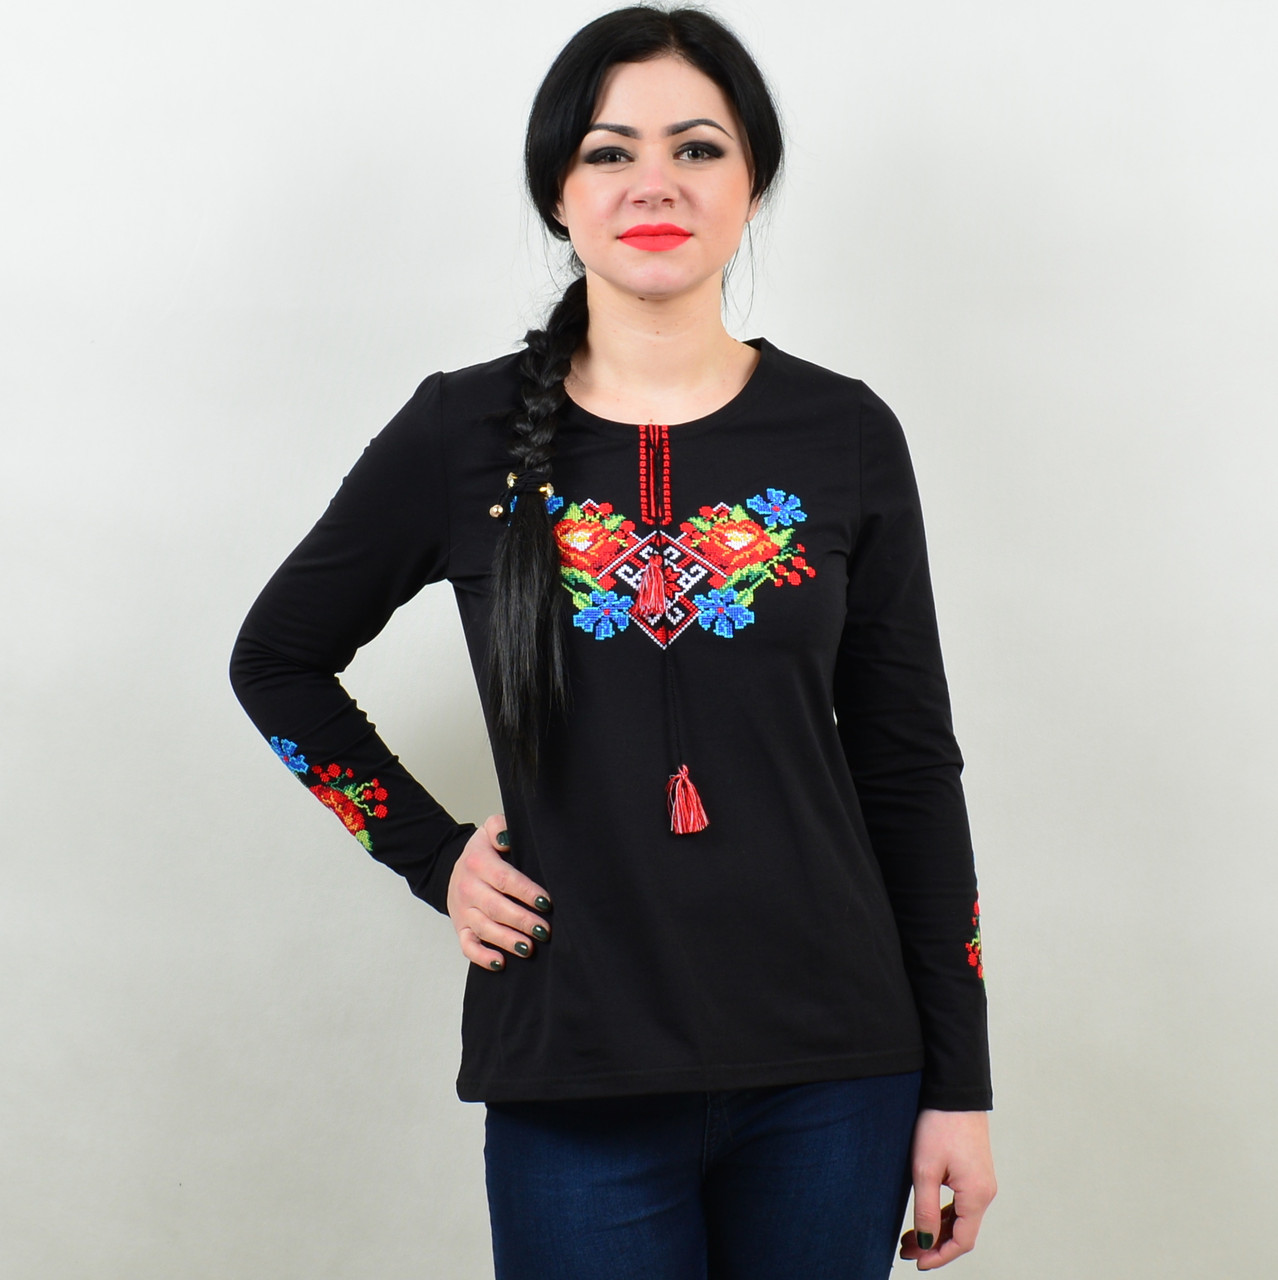 Трикотажная футболка вышиванка